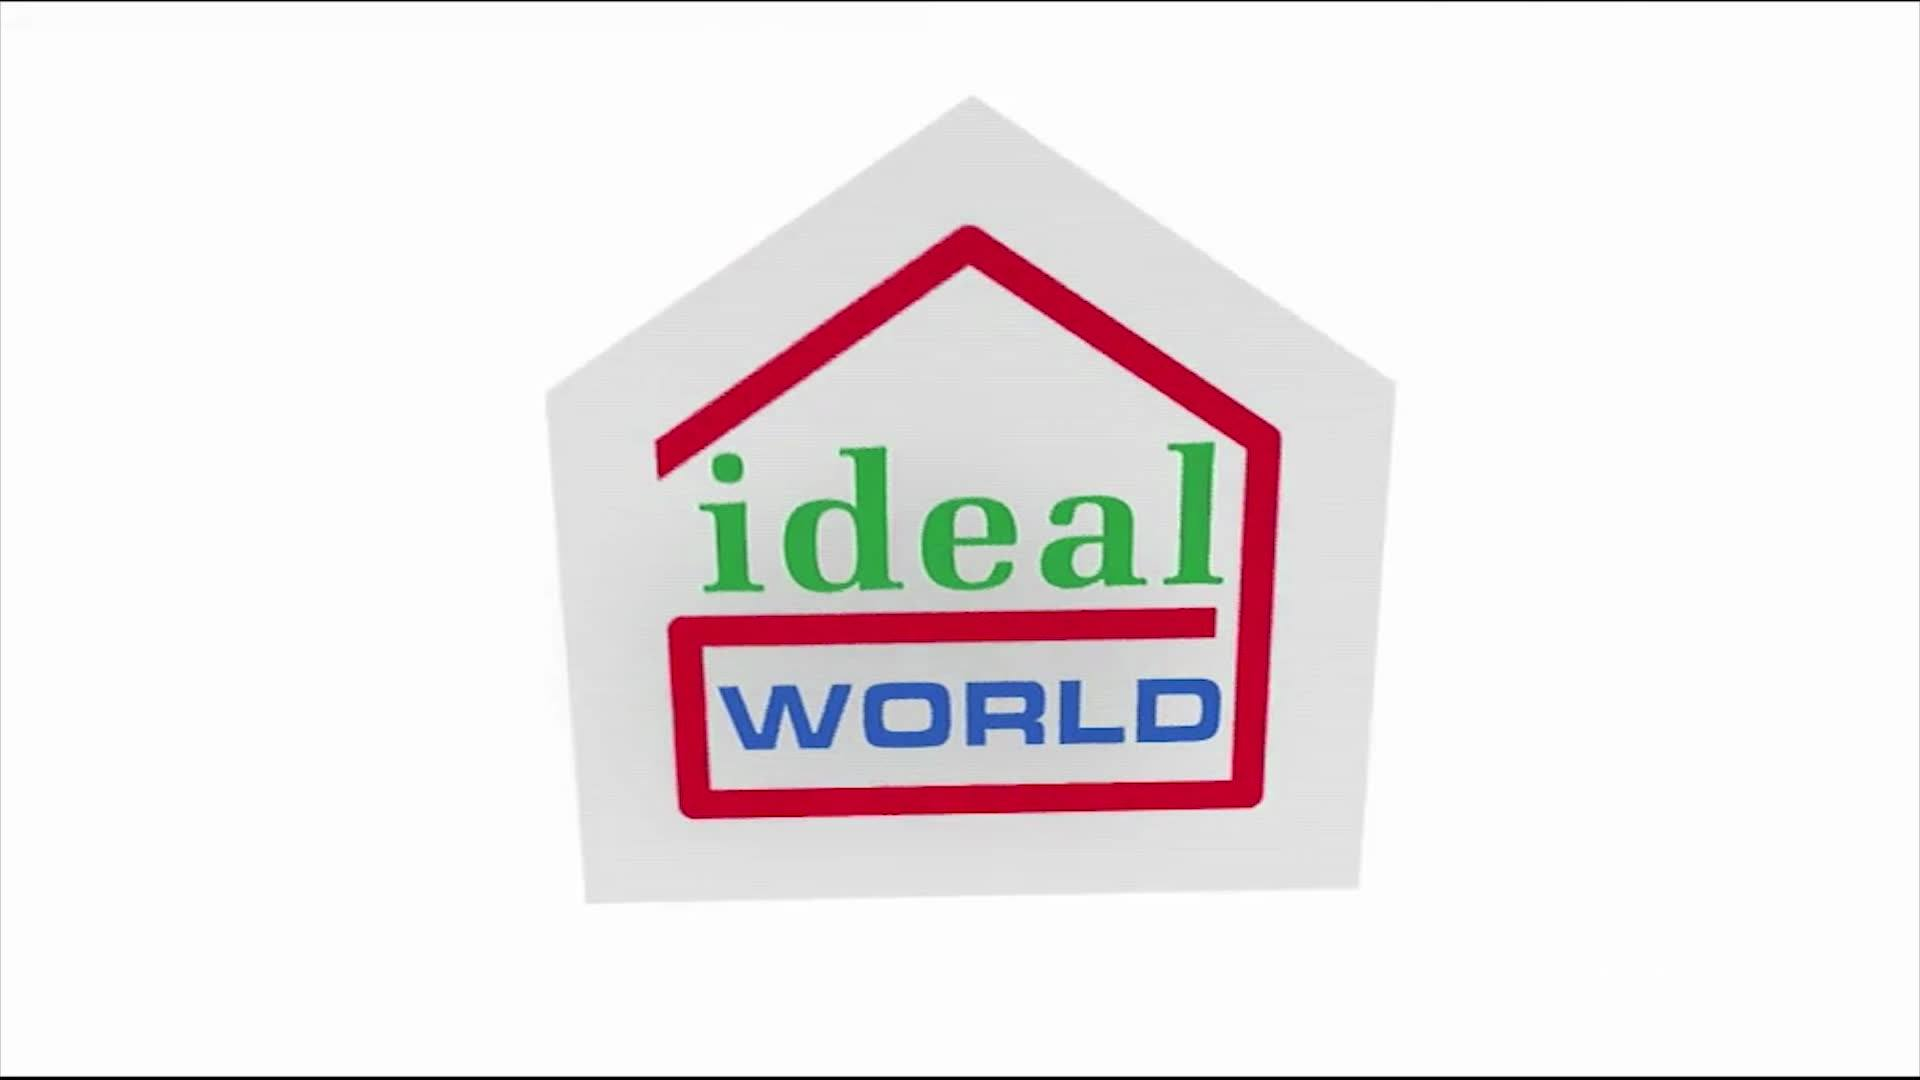 Ideal World banner